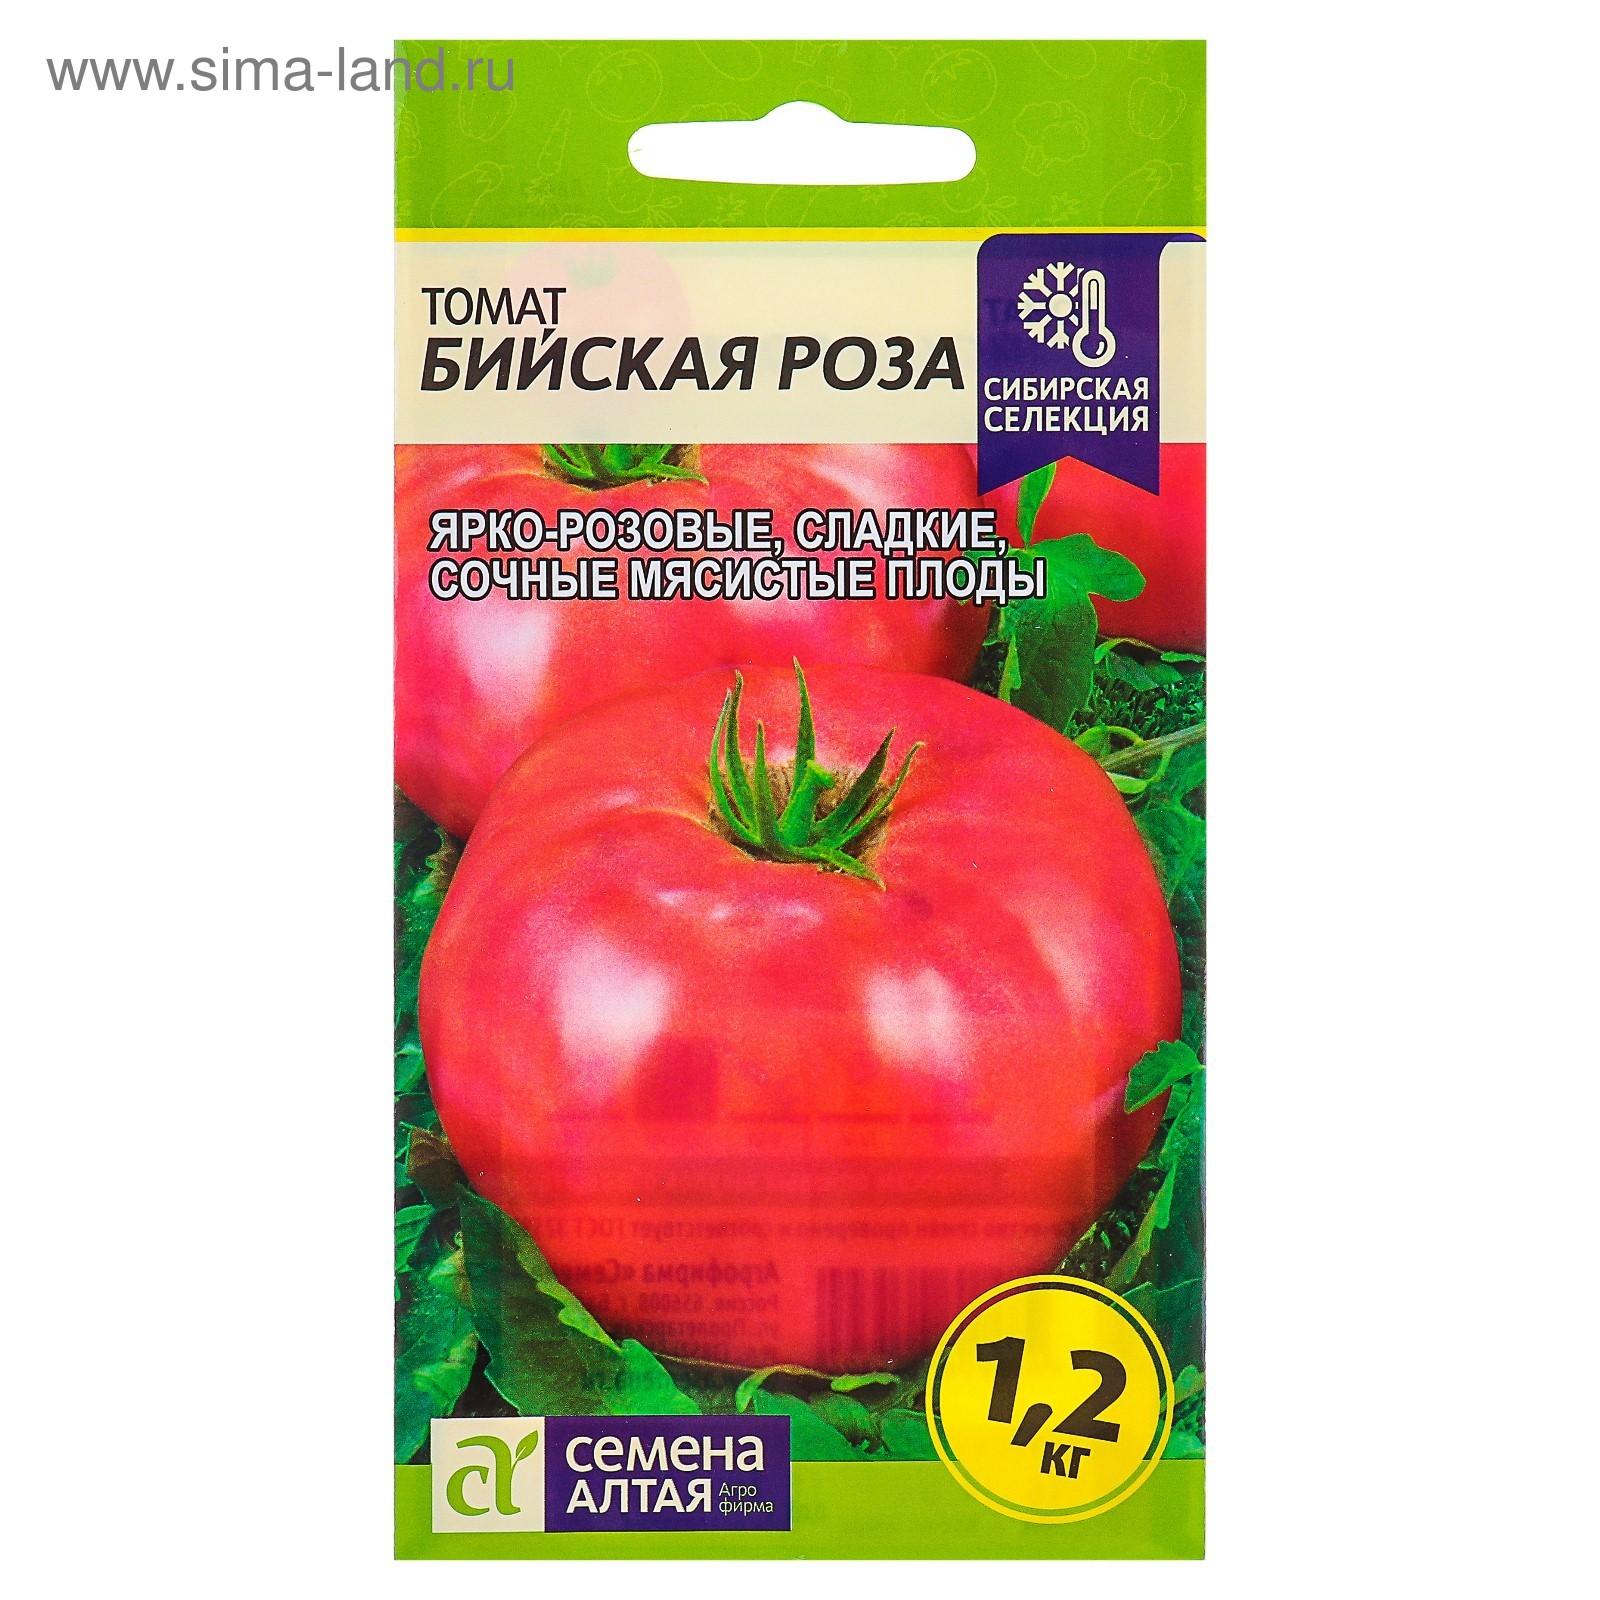 Описание сорта томата японская роза и его характеристики – дачные дела